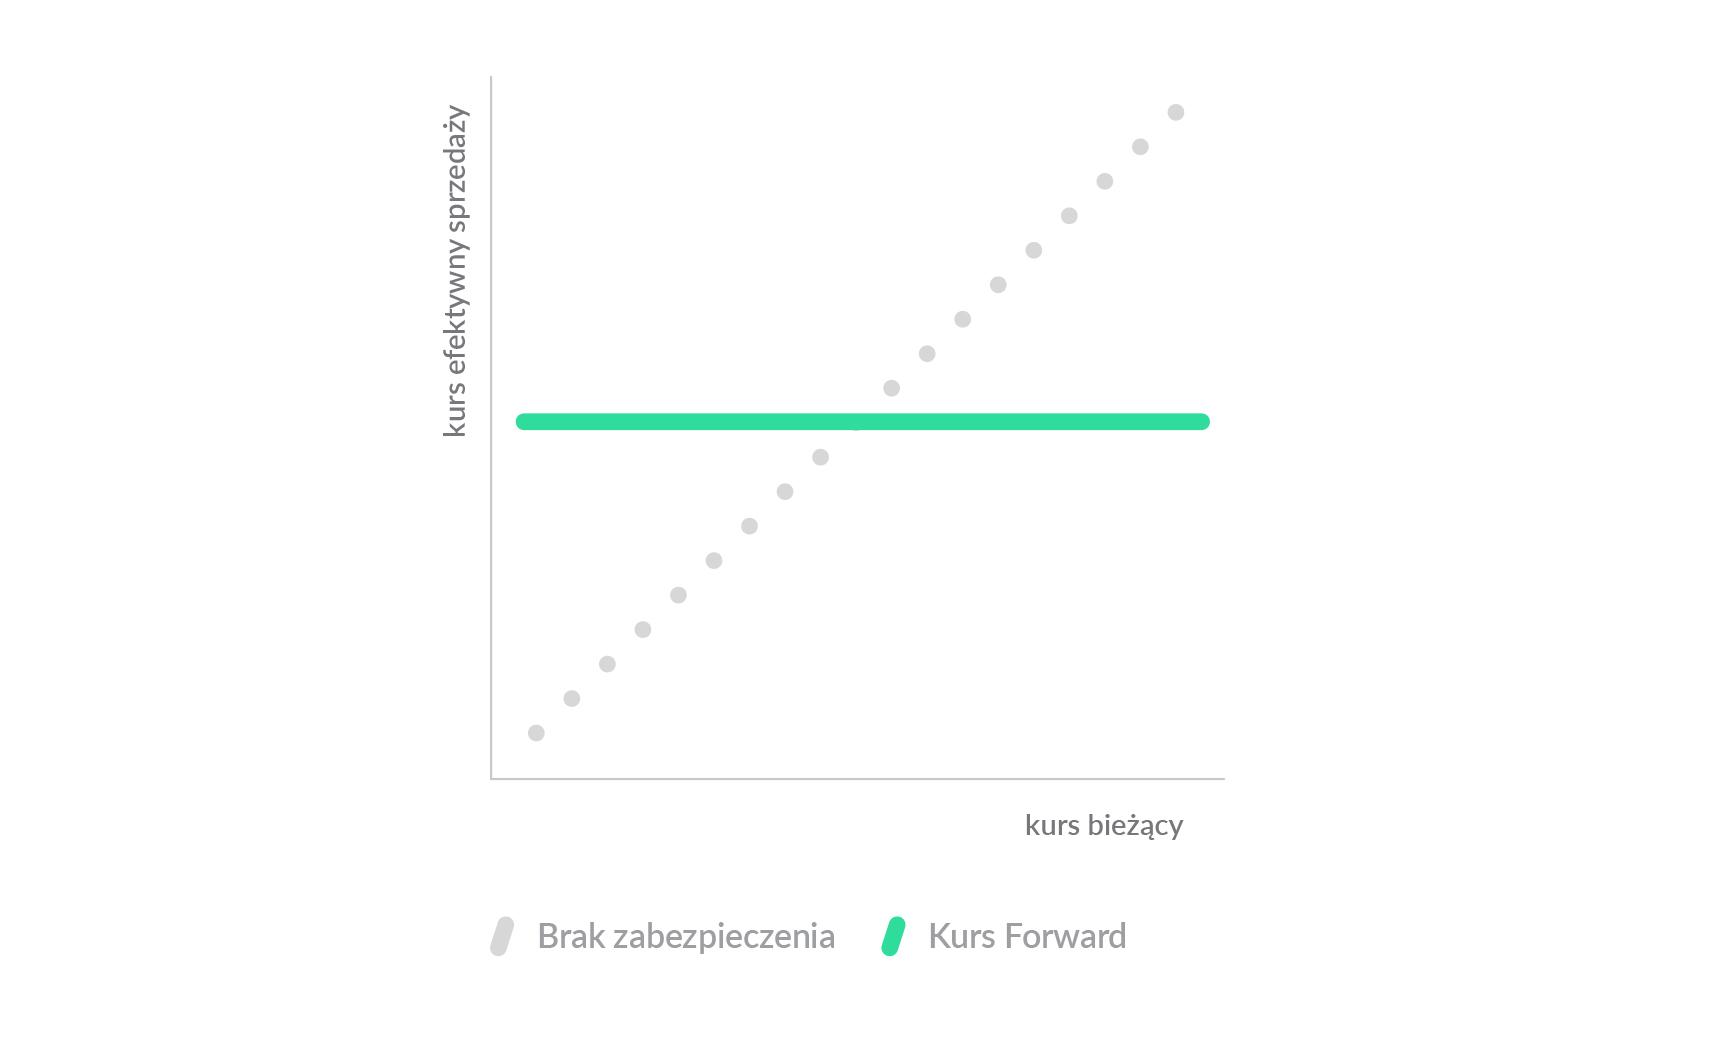 916efd47f3207a Wykres przedstawia relację kursu Forward do bieżącego kursu rynkowego dla  transakcji zakupu lub sprzedaży waluty.